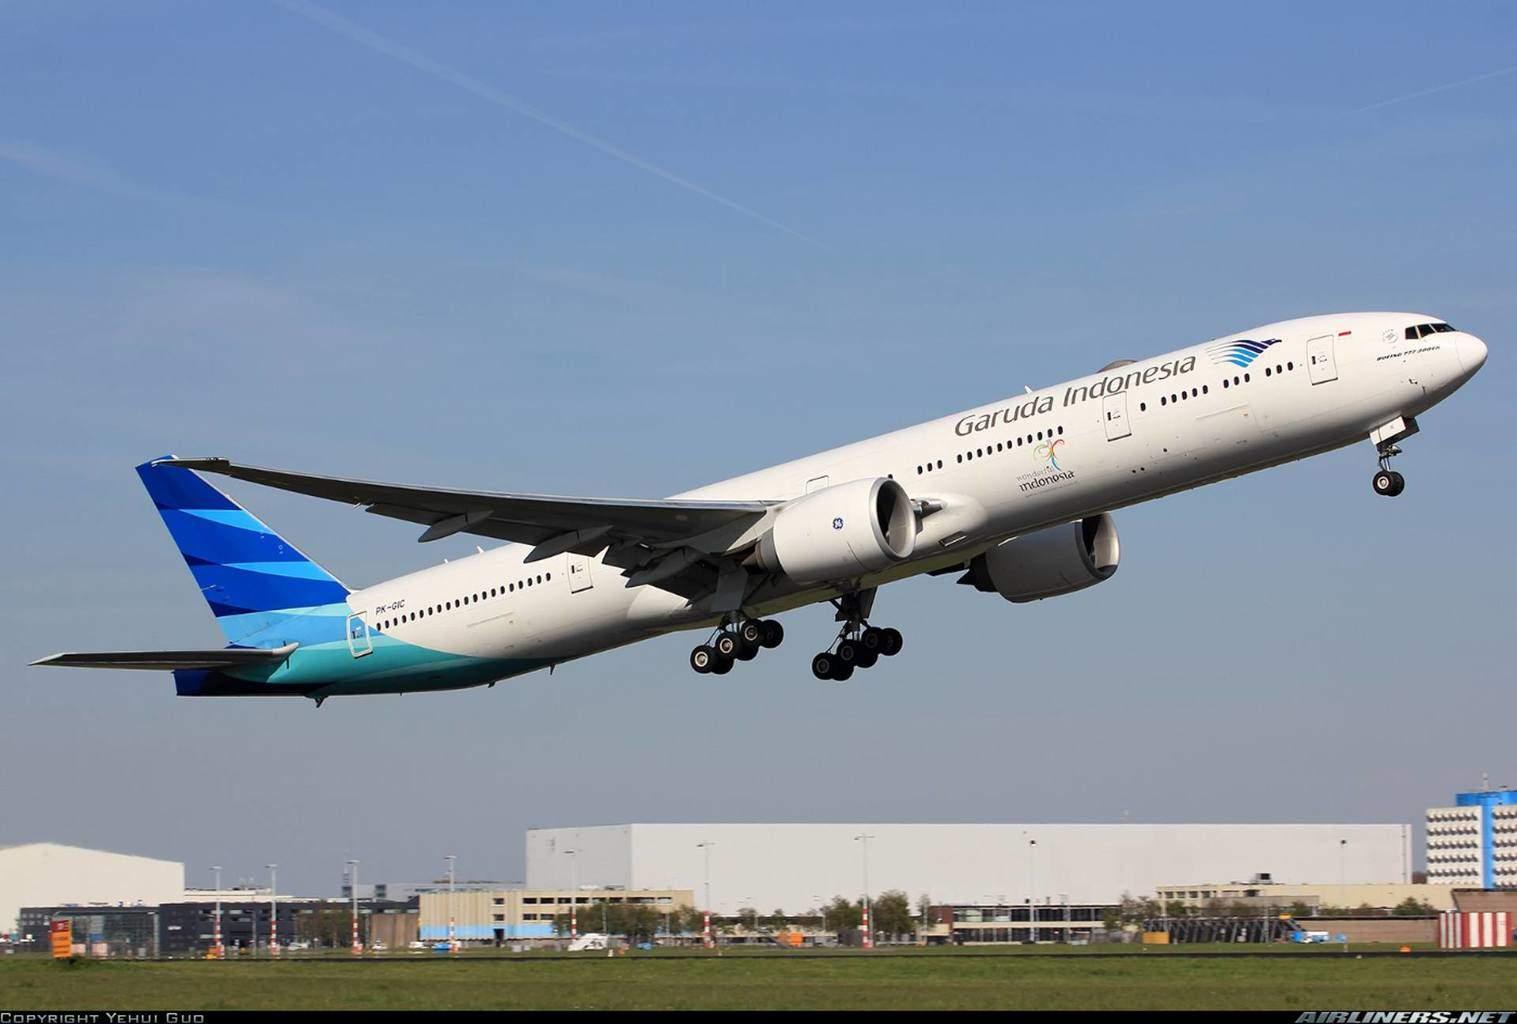 Garuda Indonesdia to serve Los Angeles via Tokyo